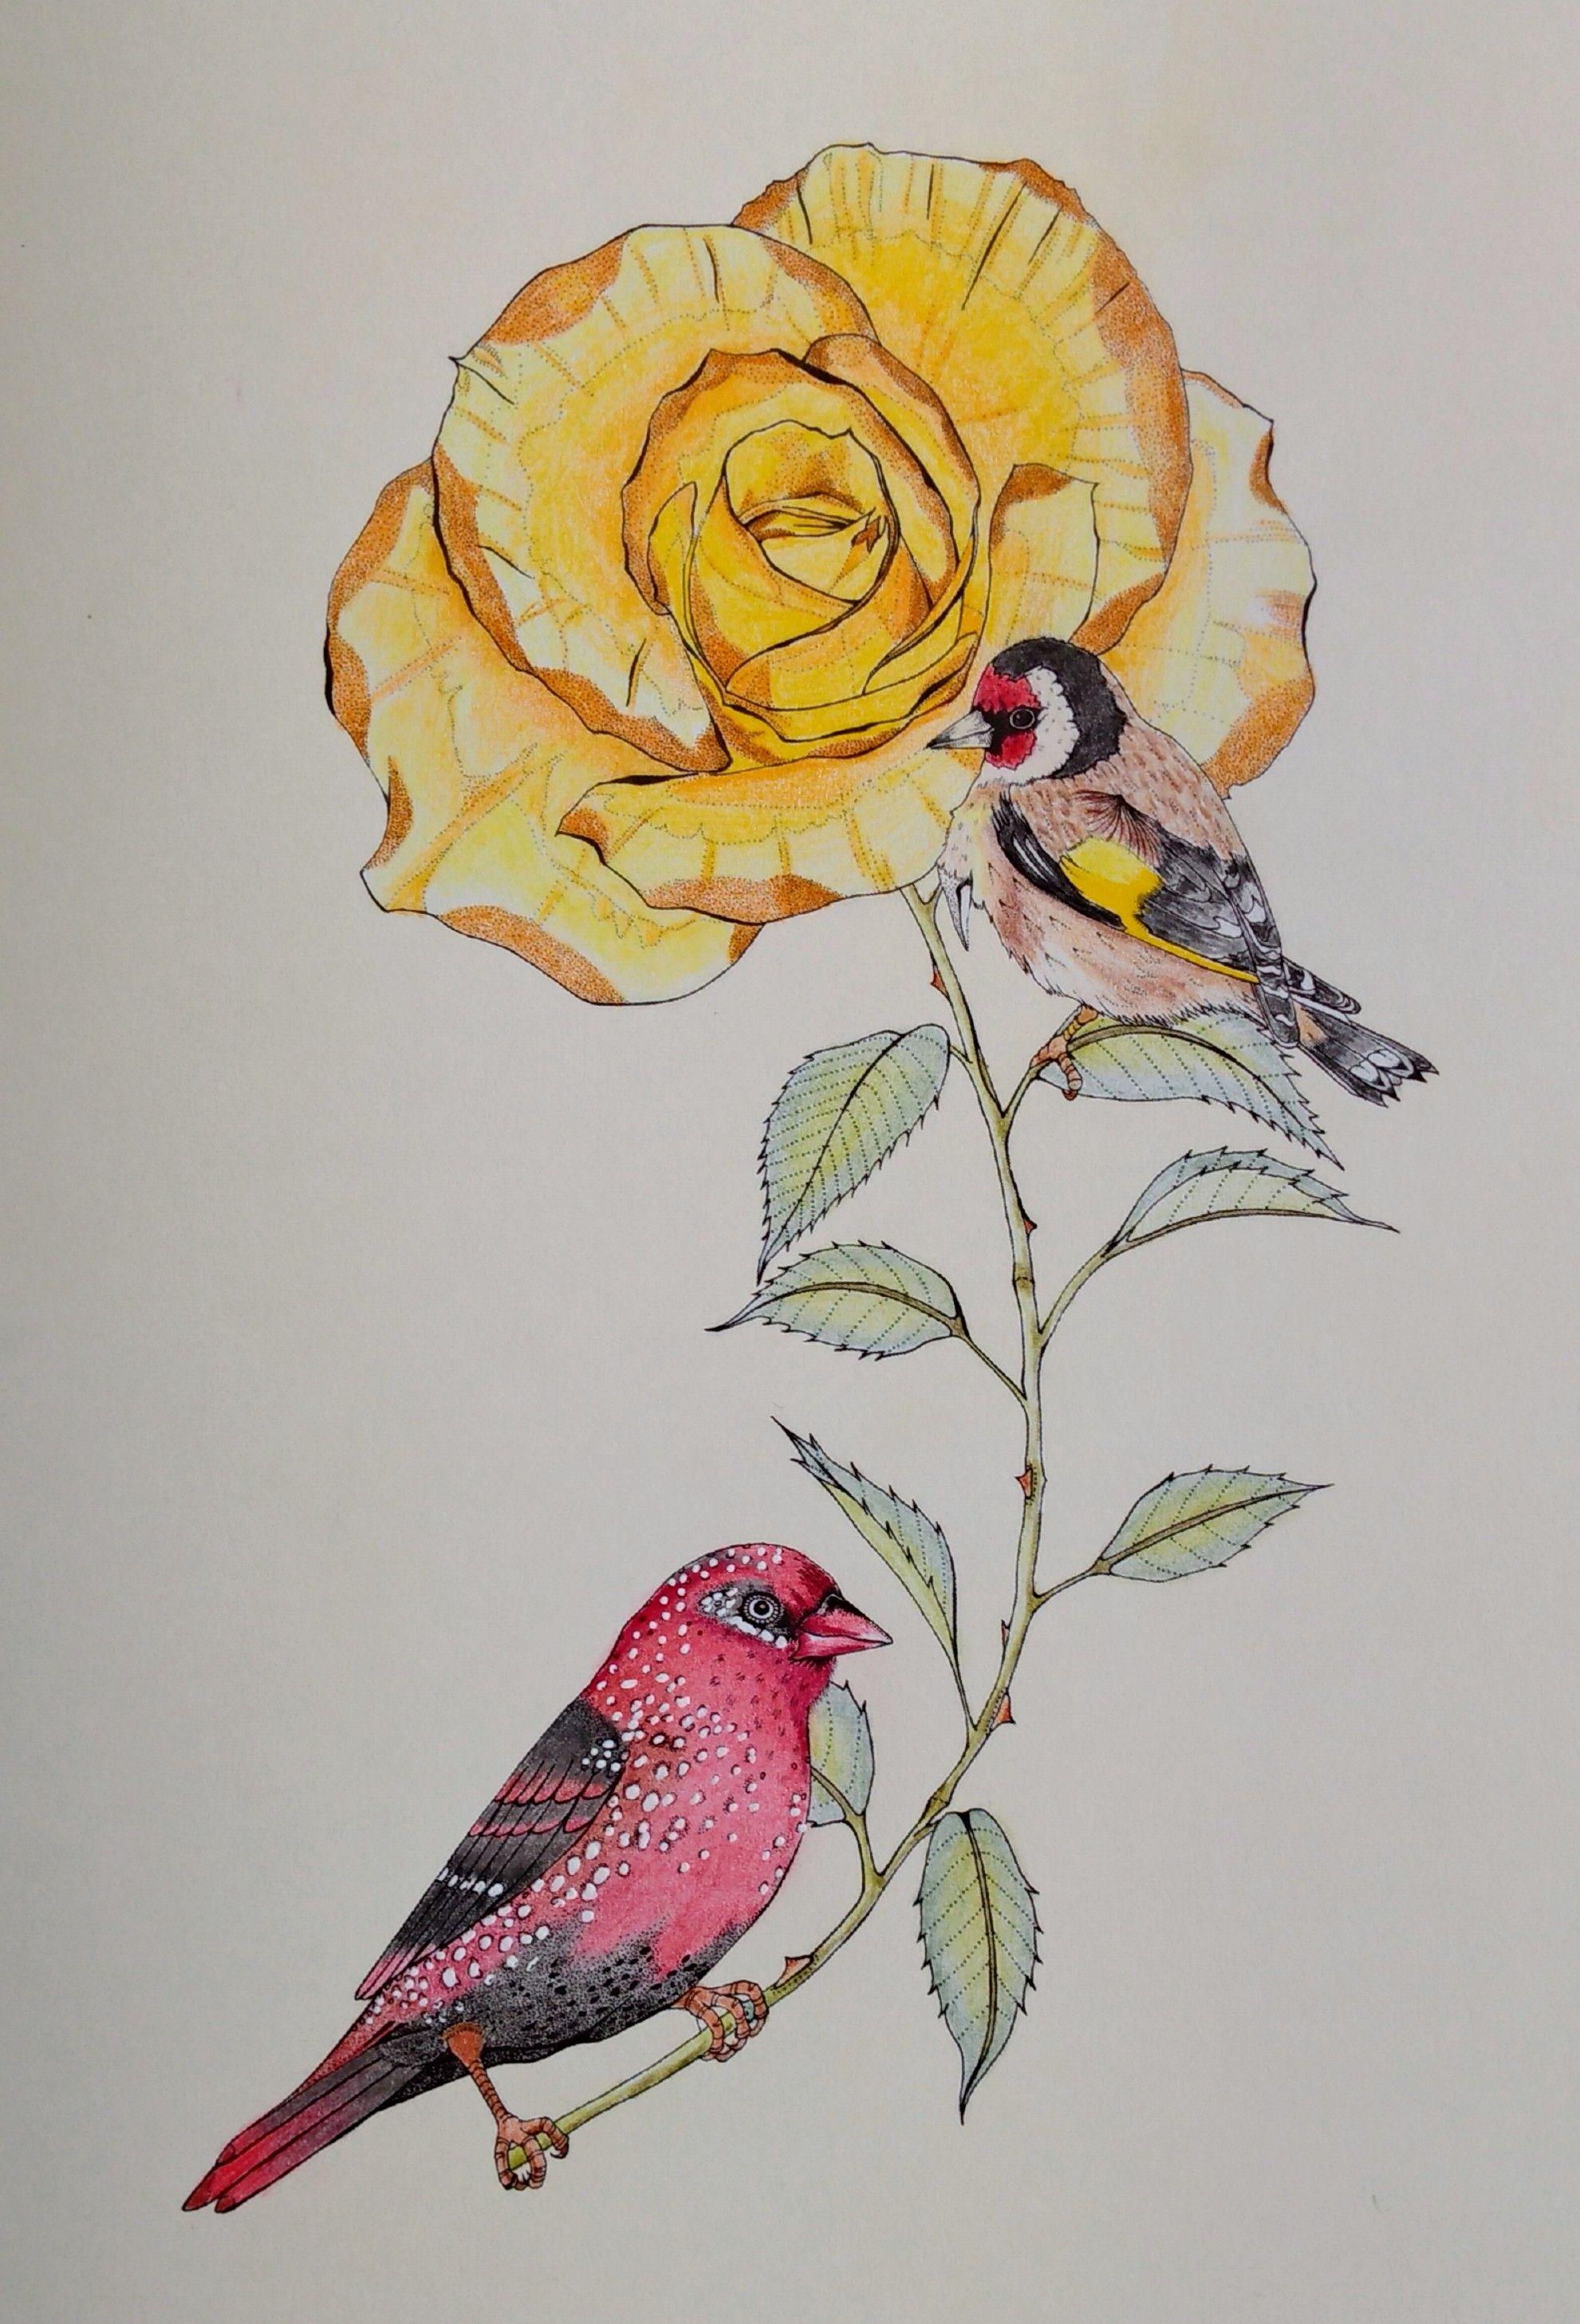 Uit Het Boek Vogel Paradijs Van Daisy Fletcher From The Book Birdtopia From Daisy Fletcher Gekleurd Door Adri Colored By Adri Coloring Books Color Art